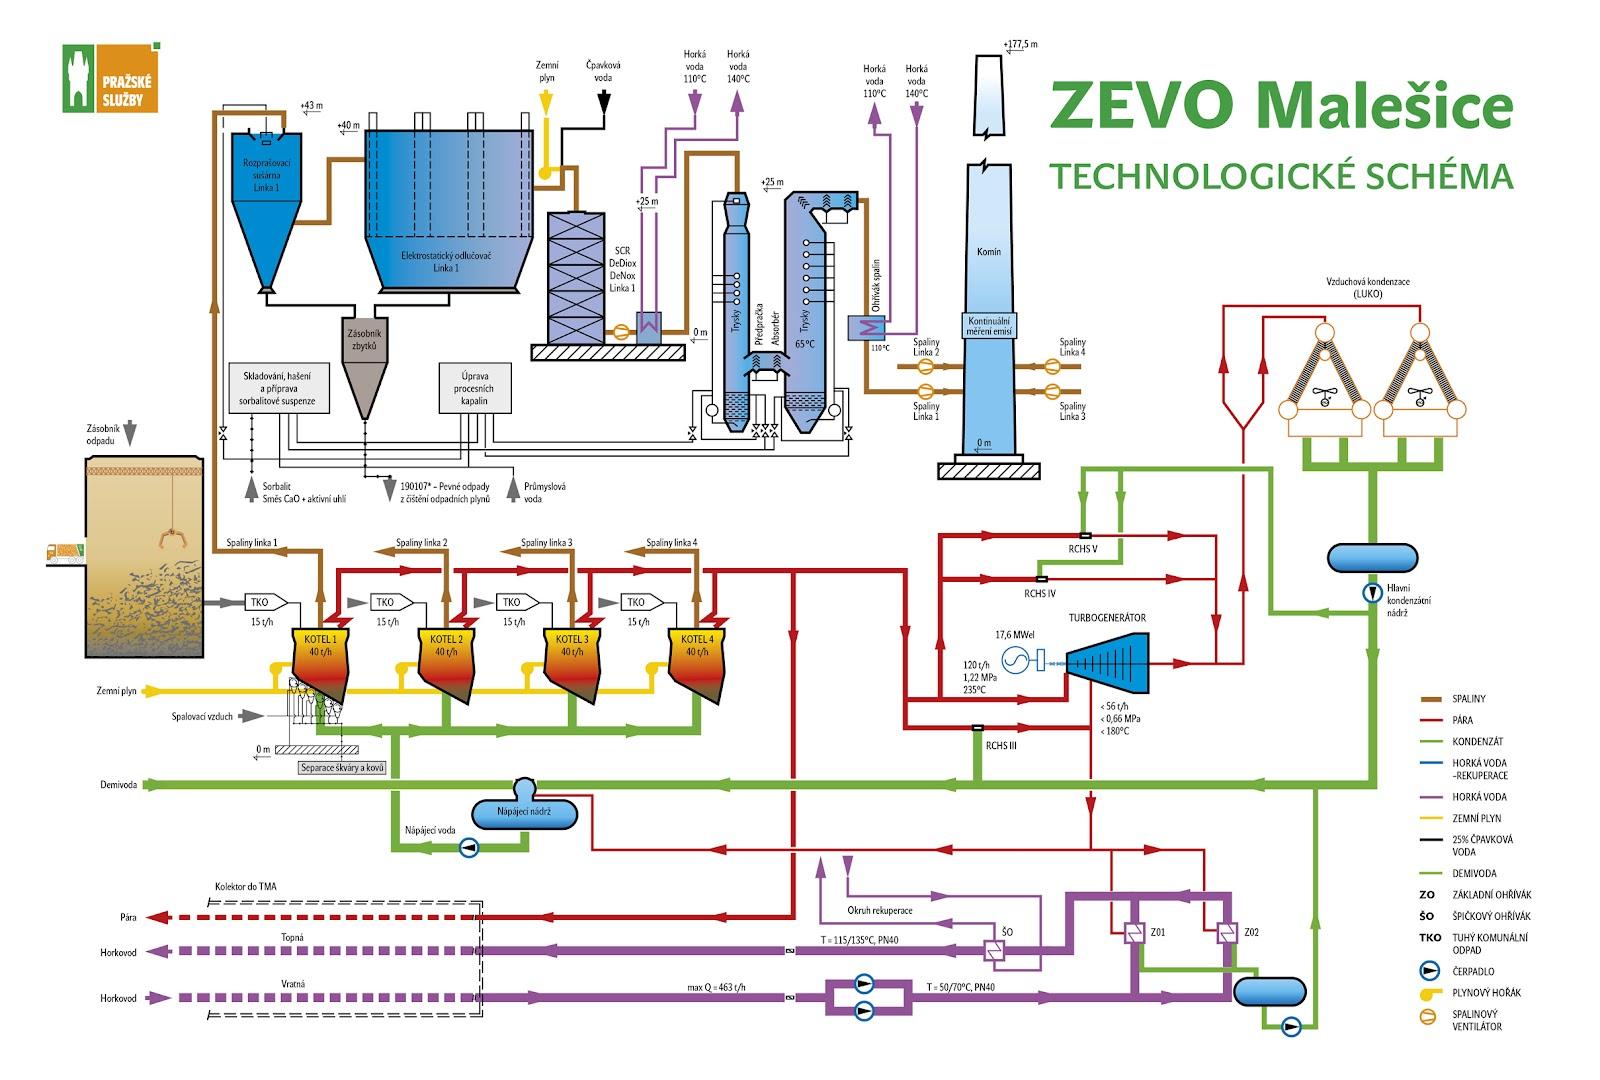 Technologické_schéma_ZEVO_2015_jpeg.jpg